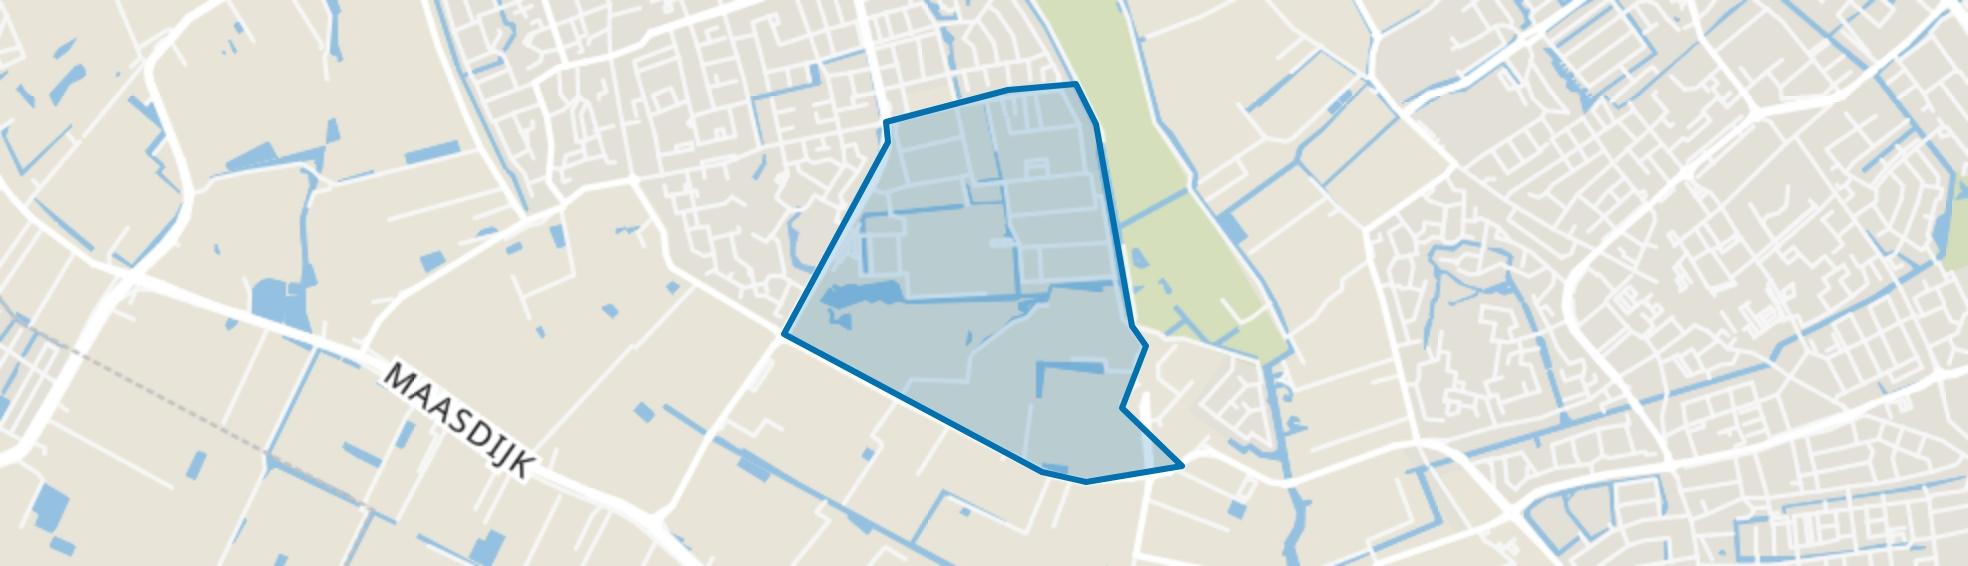 Bedrijventerrein Teylingen, 's-Gravenzande map